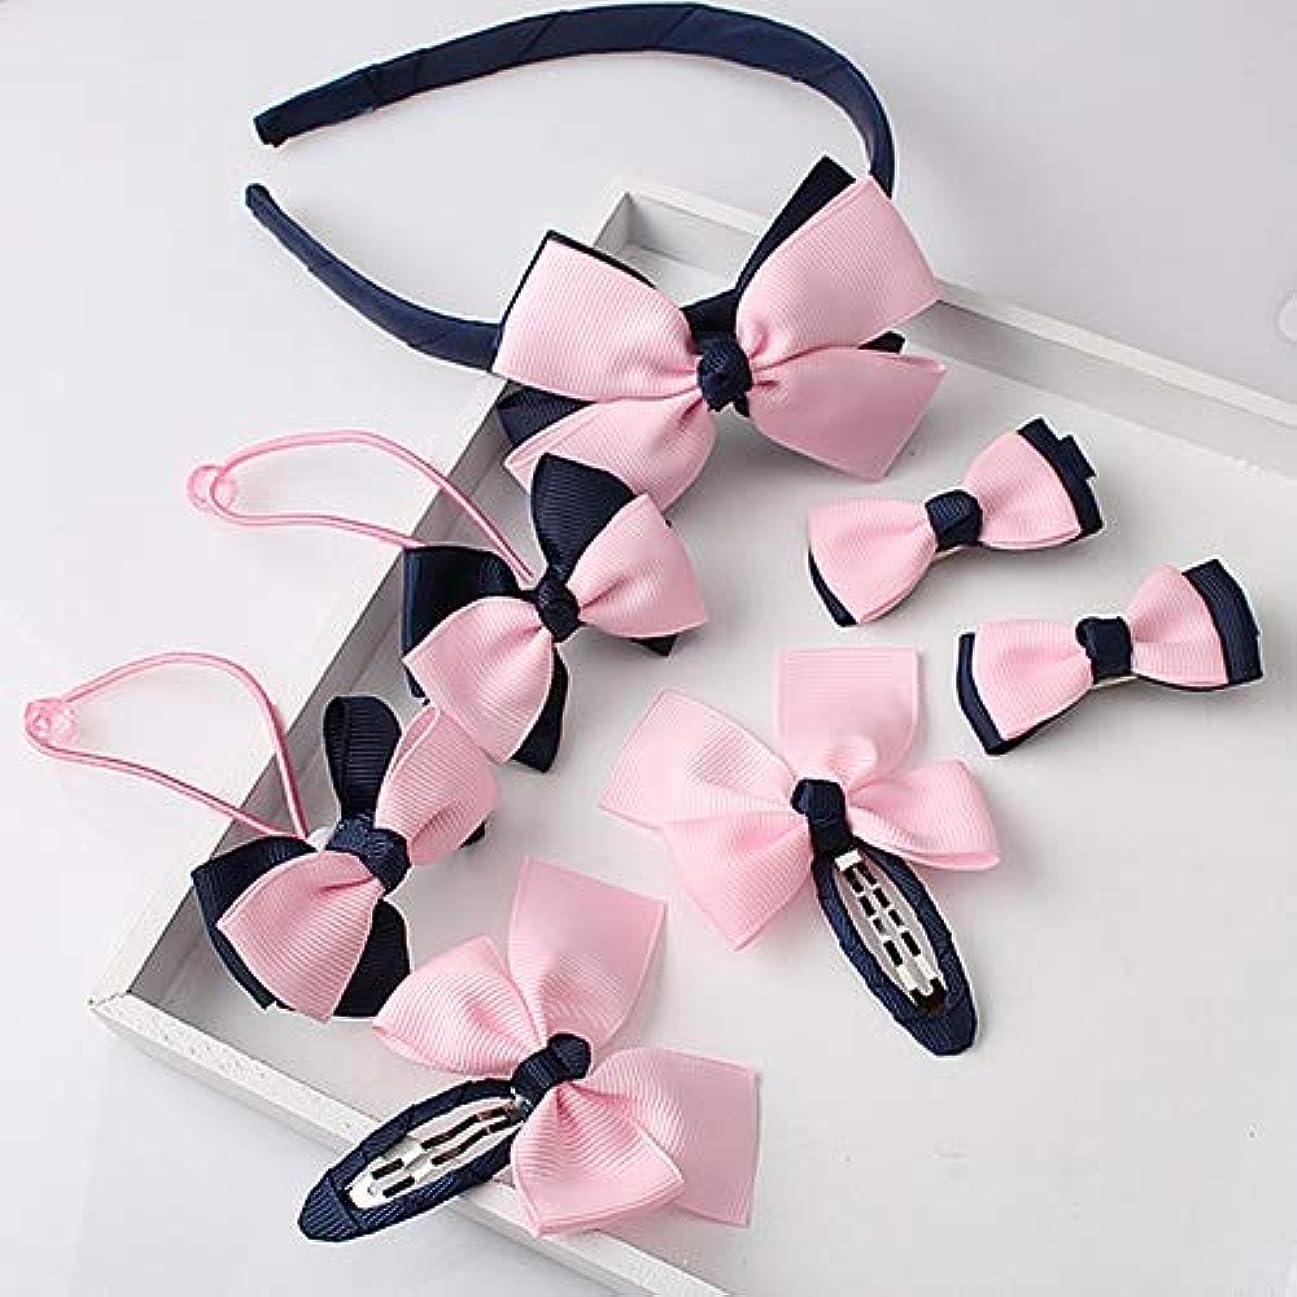 疑い者大学生ジャンプするHairpinheair YHM 7 PCS/セット子供用アクセサリーヘアバンドベビーガールズラブリーボウヘッドウェアヘアクリップ(ローズレッド+グリーン) (色 : Pink+Navy)